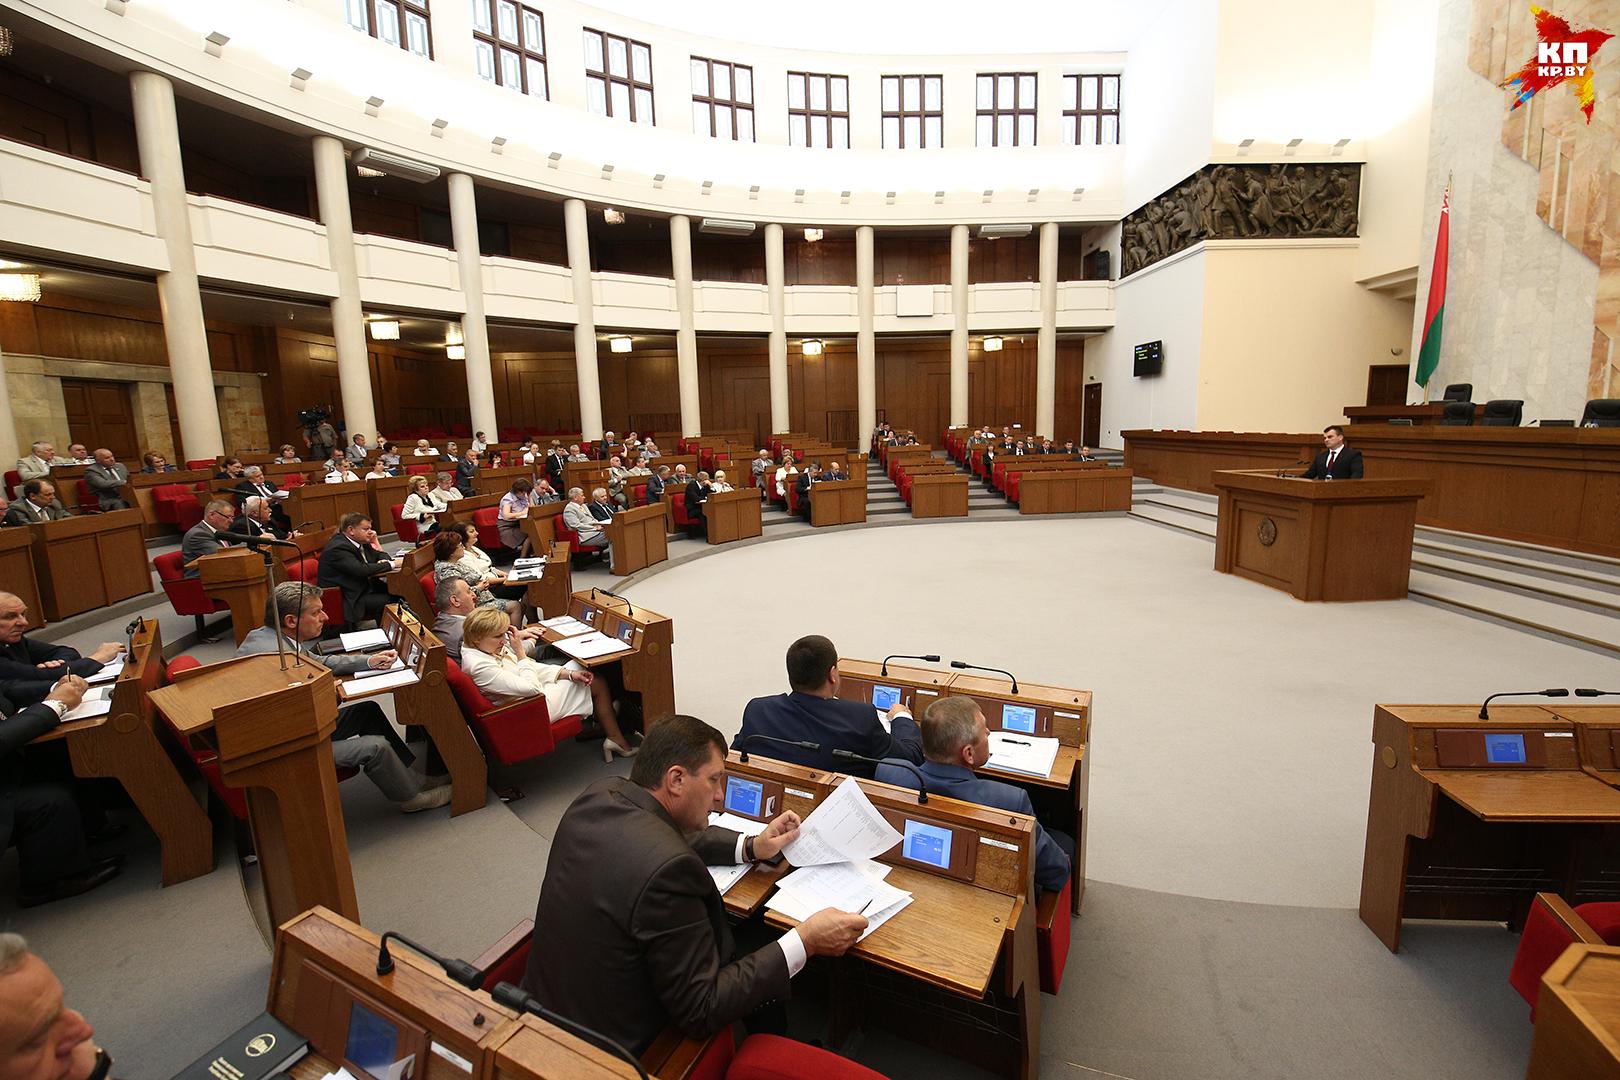 Депутаты Палаты представителей слушали доклады о том, как исполнен бюджет прошлого года.